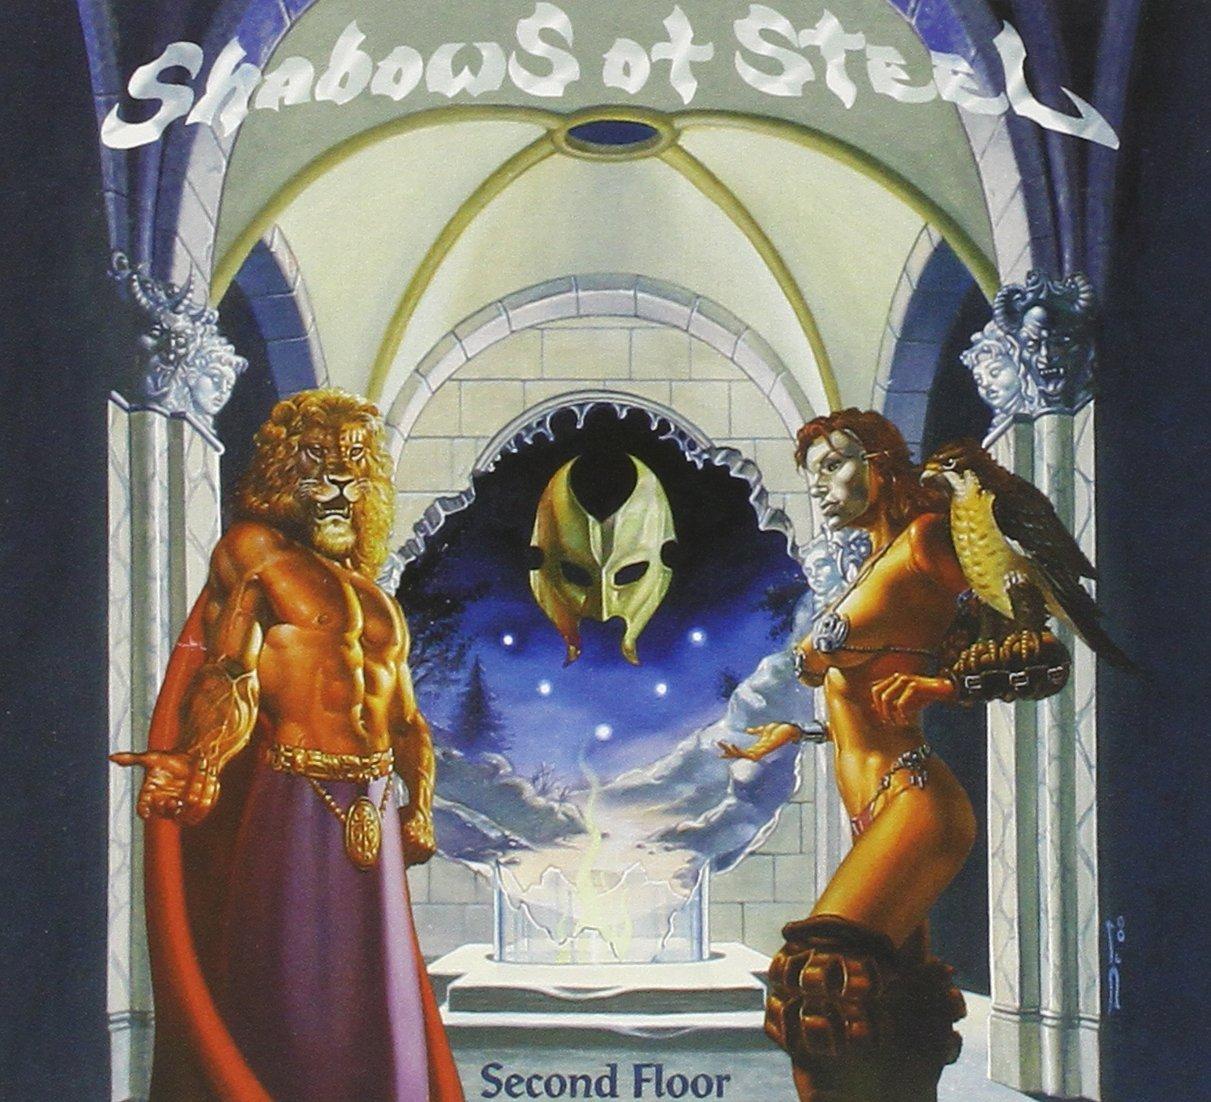 Audio Cd Shadows Of Steel - Second Floor NUOVO SIGILLATO, EDIZIONE DEL 10/02/2003 SUBITO DISPONIBILE